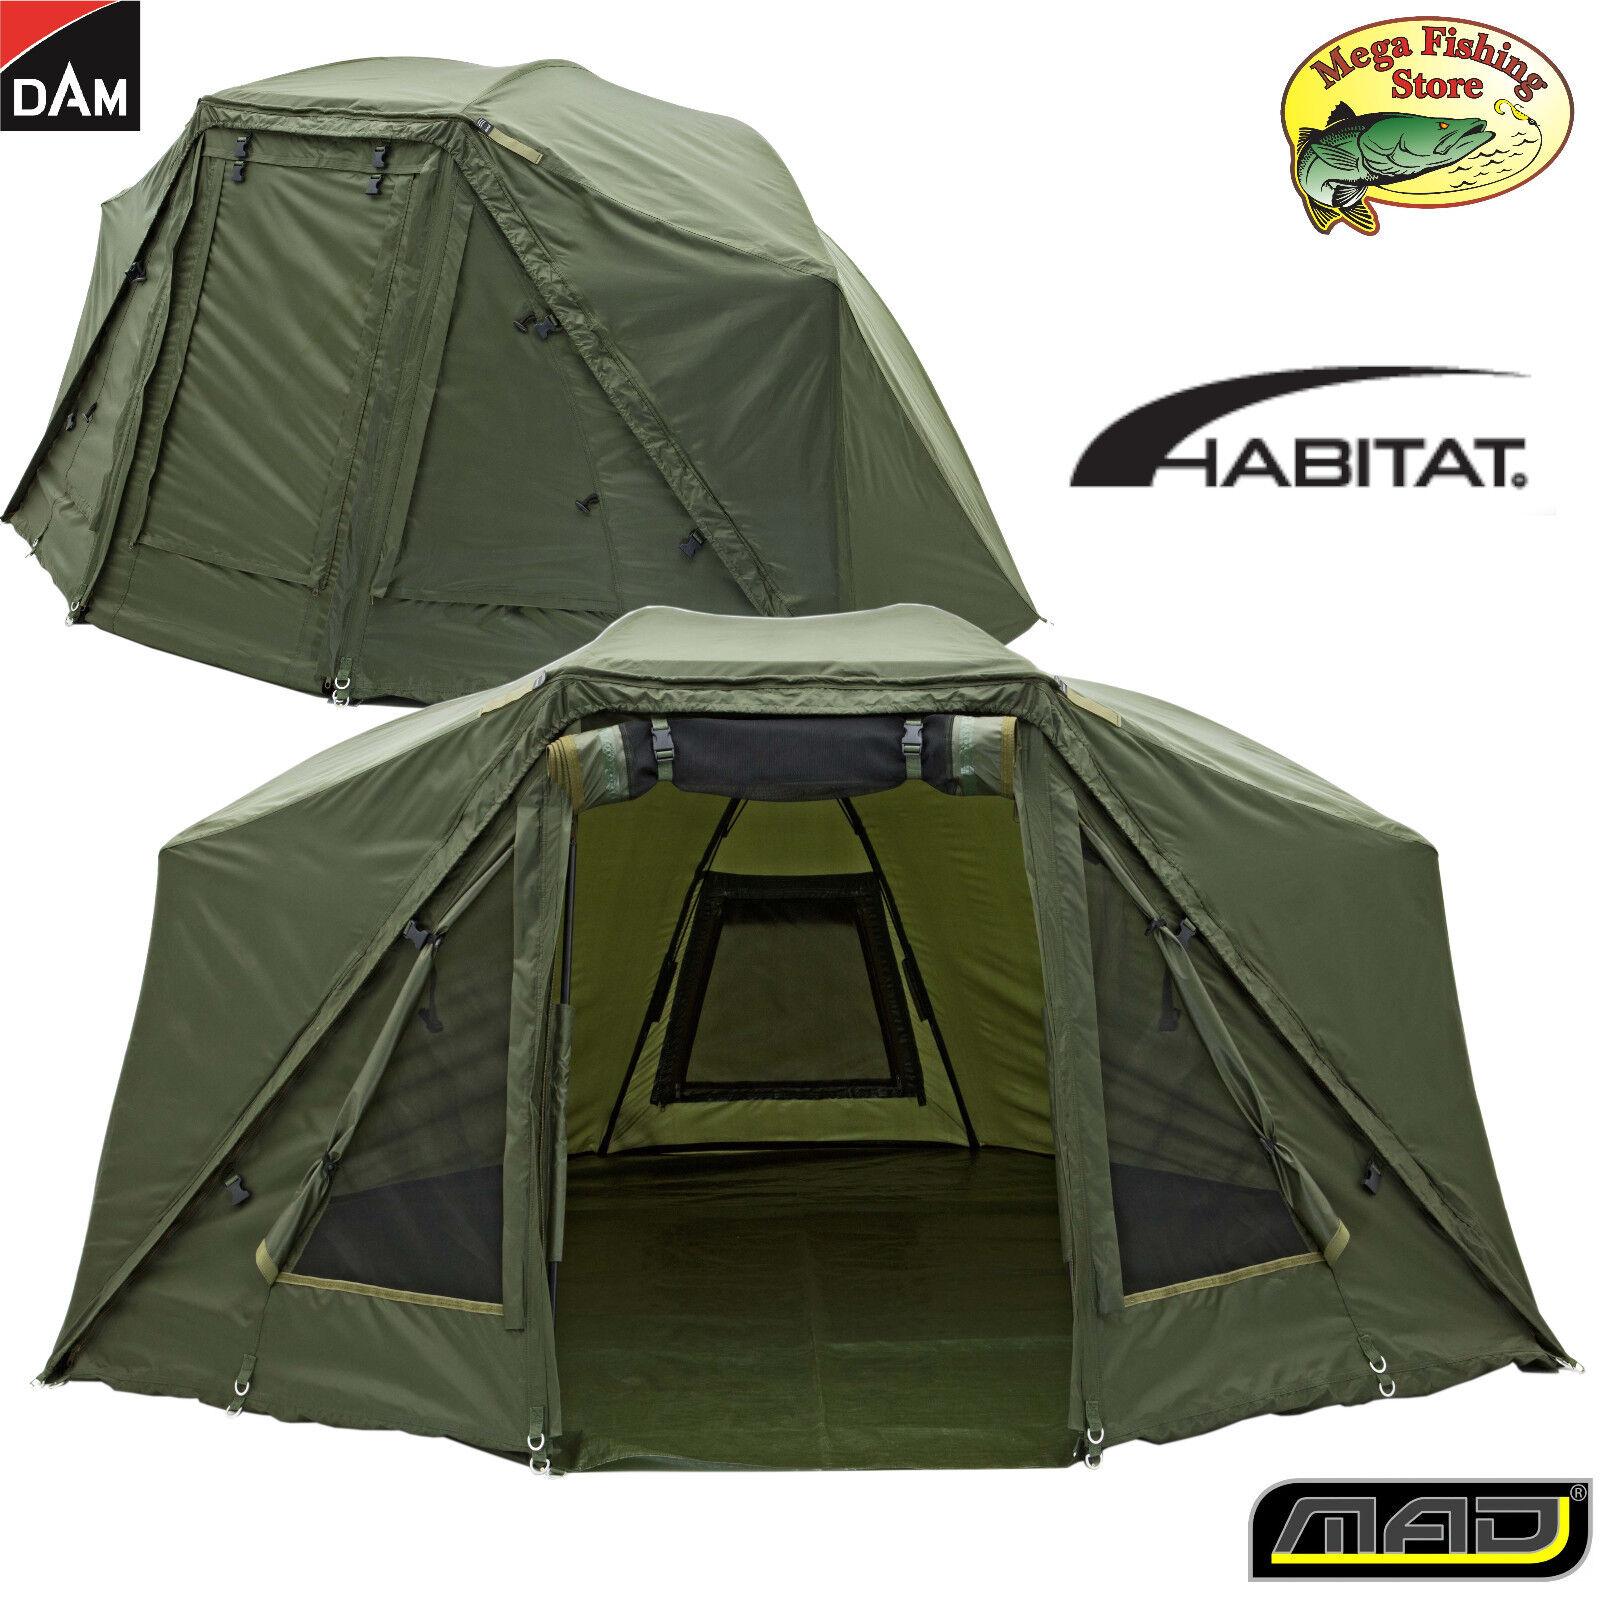 DAM Brolly System Plus Outdoor Zelt - Angelzelt   Karpfenzelt - bis 2 Personen